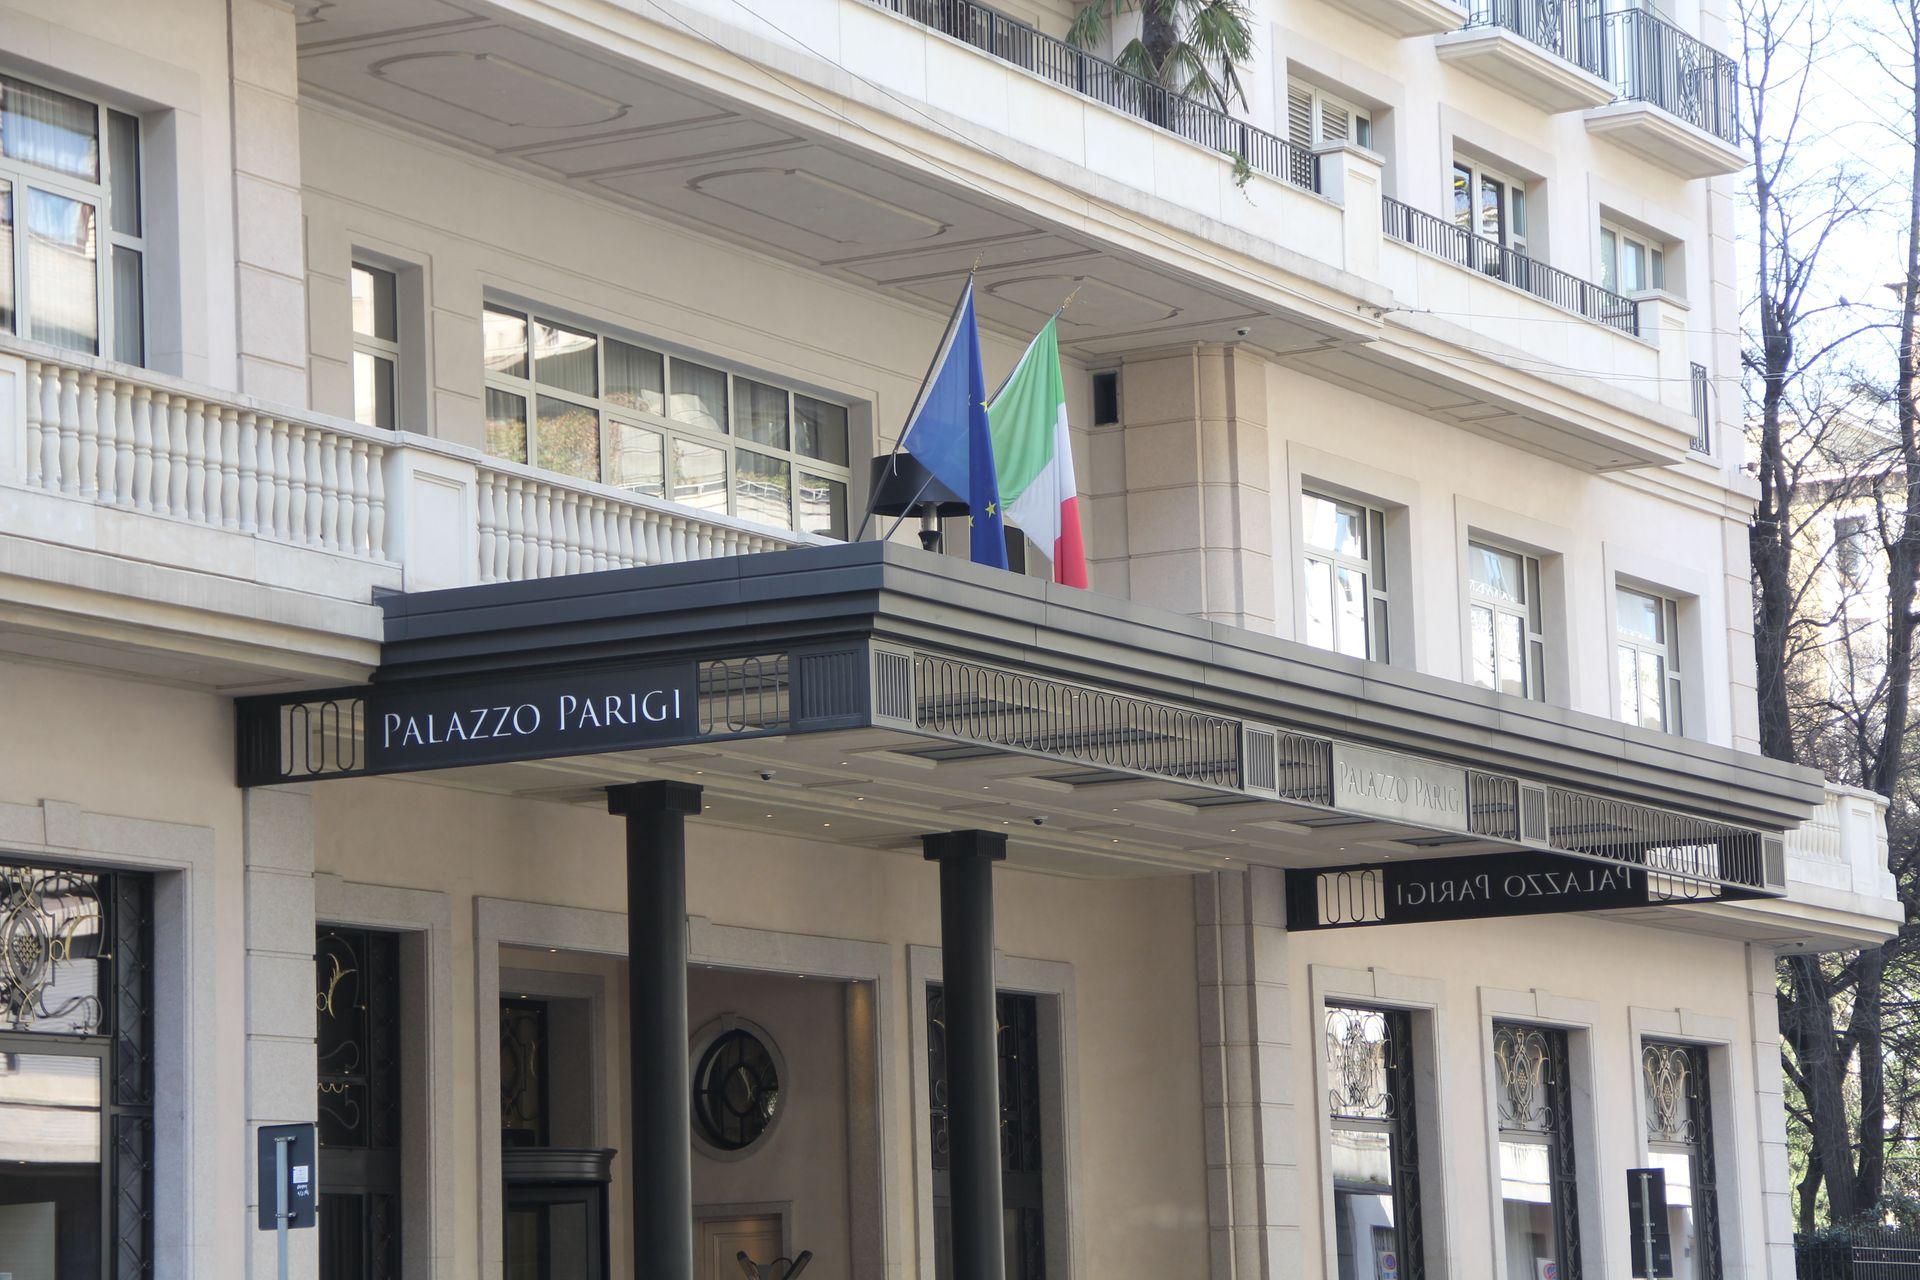 Palazzo Parigi Milan Entrance